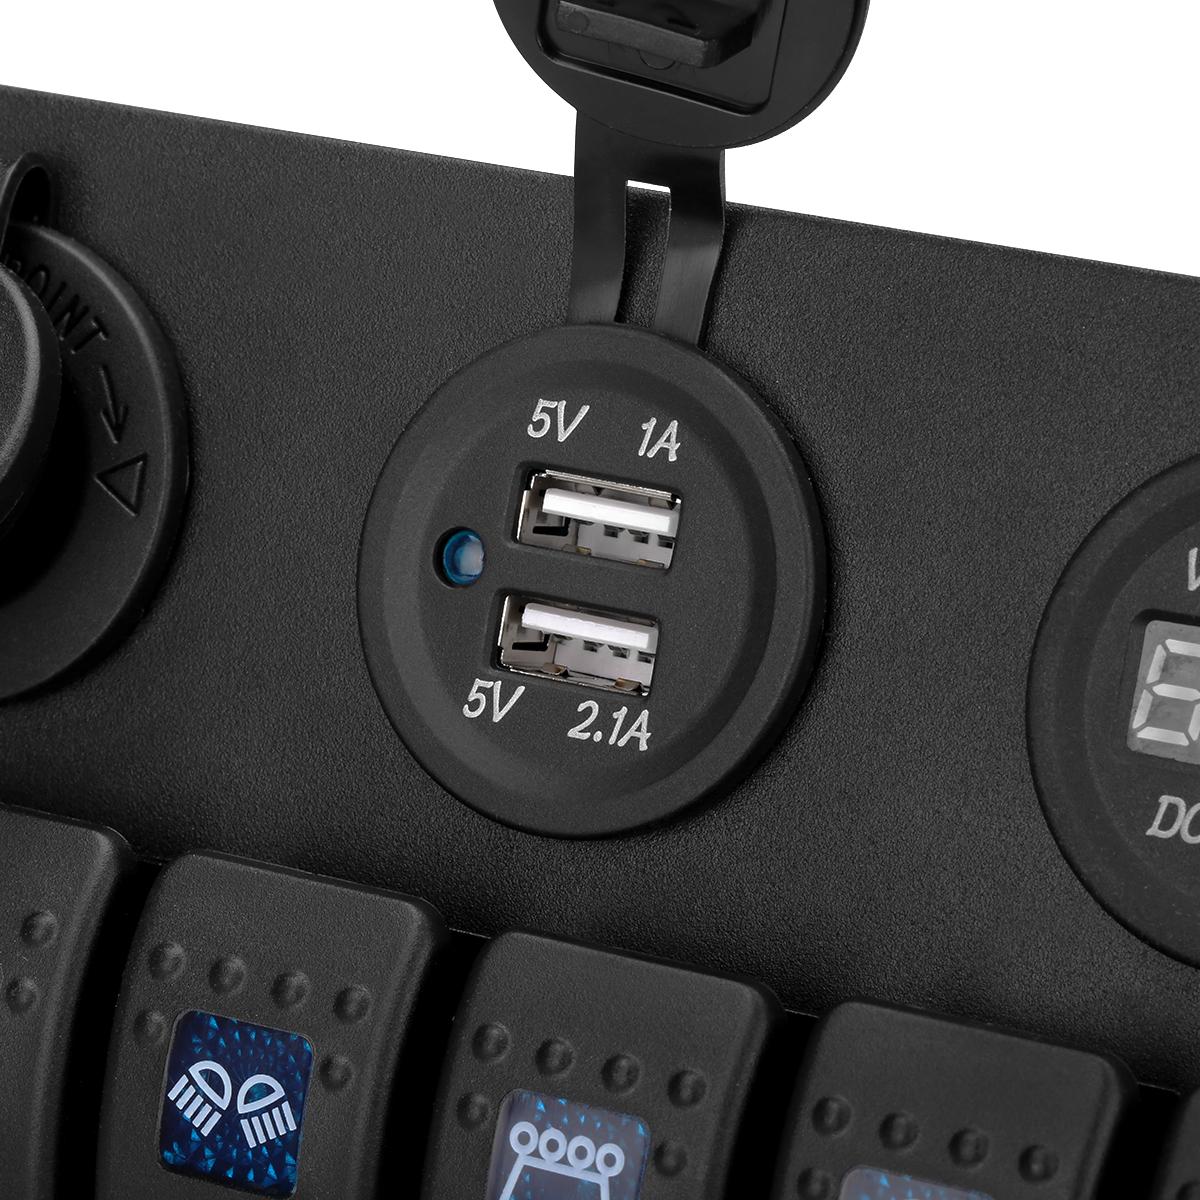 Excelvan Digital 12v 24v Switch Panel Waterproof Dual Usb Charger 12 Volt Wiring Diagram Moreover Dc Circuit Breaker Cigarette Lighter Socket Voltmeter Boat Car Marine Rocker 6 Gang